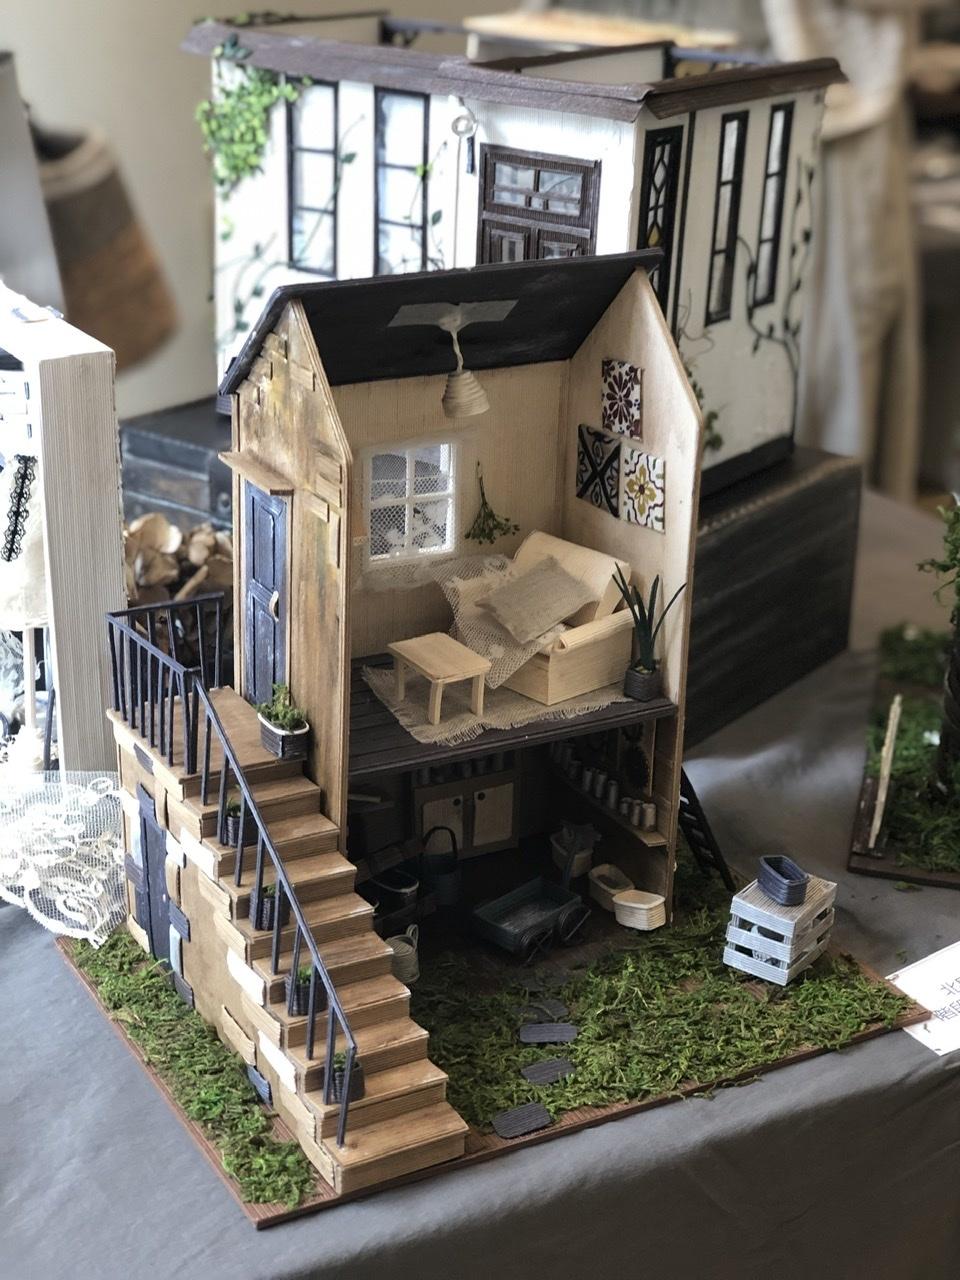 「こんなお家に住んでみたい♡」村田美穂ちゃんの「紙バントで楽しくミニチュアハウス」の出版記念作品展に行ってきました@表参道ギャラリーニイク_a0157409_14220216.jpeg